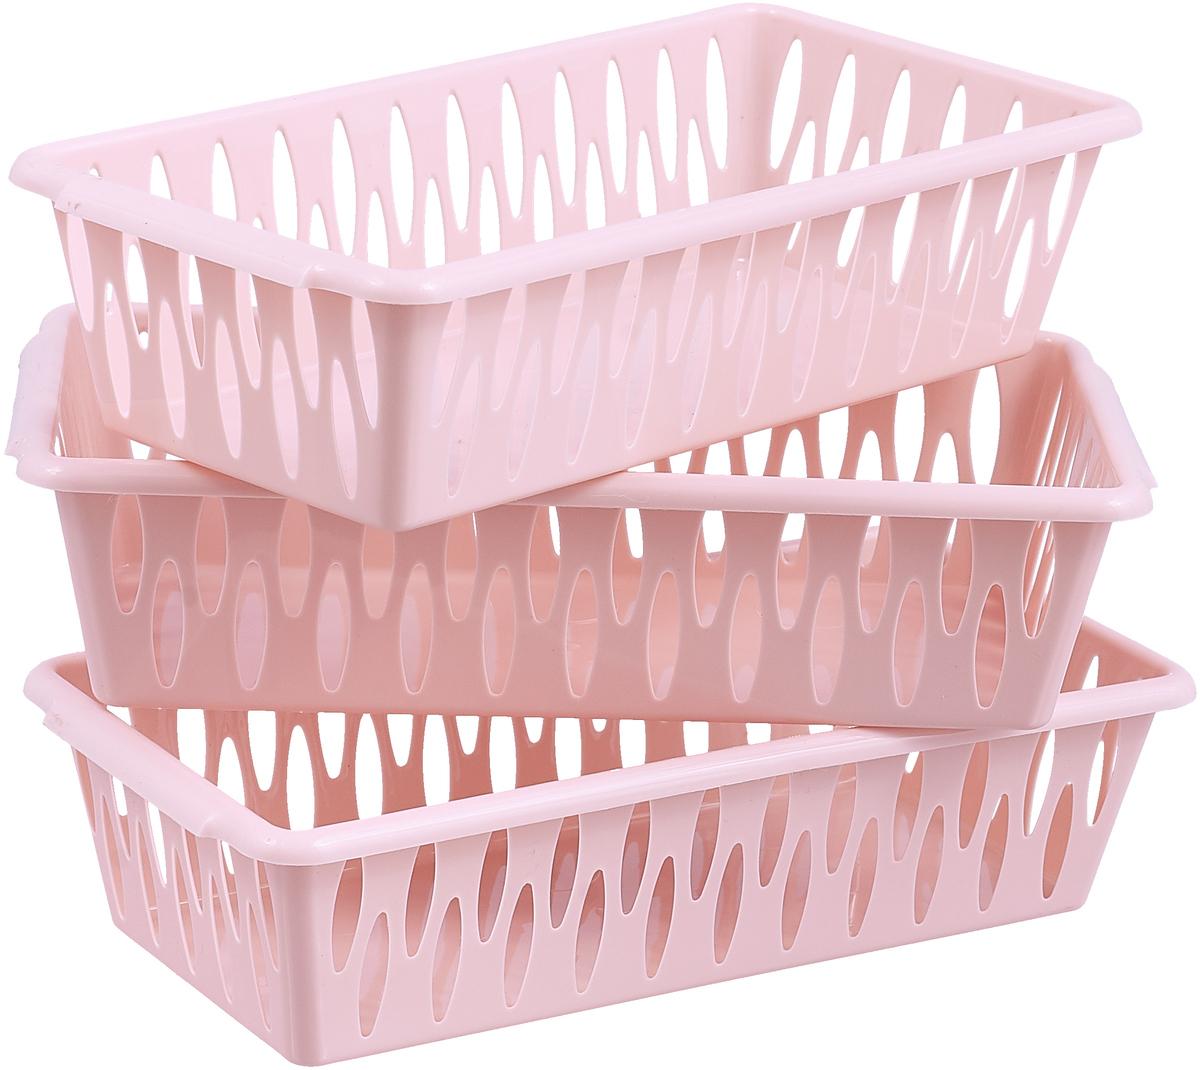 Корзина универсальная BranQ Light XS, цвет: йогуртовый, 19,5 х 10 х 5 см корзина универсальная branq light цвет йогуртовый 25 5 х 15 х 7 2 3 шт